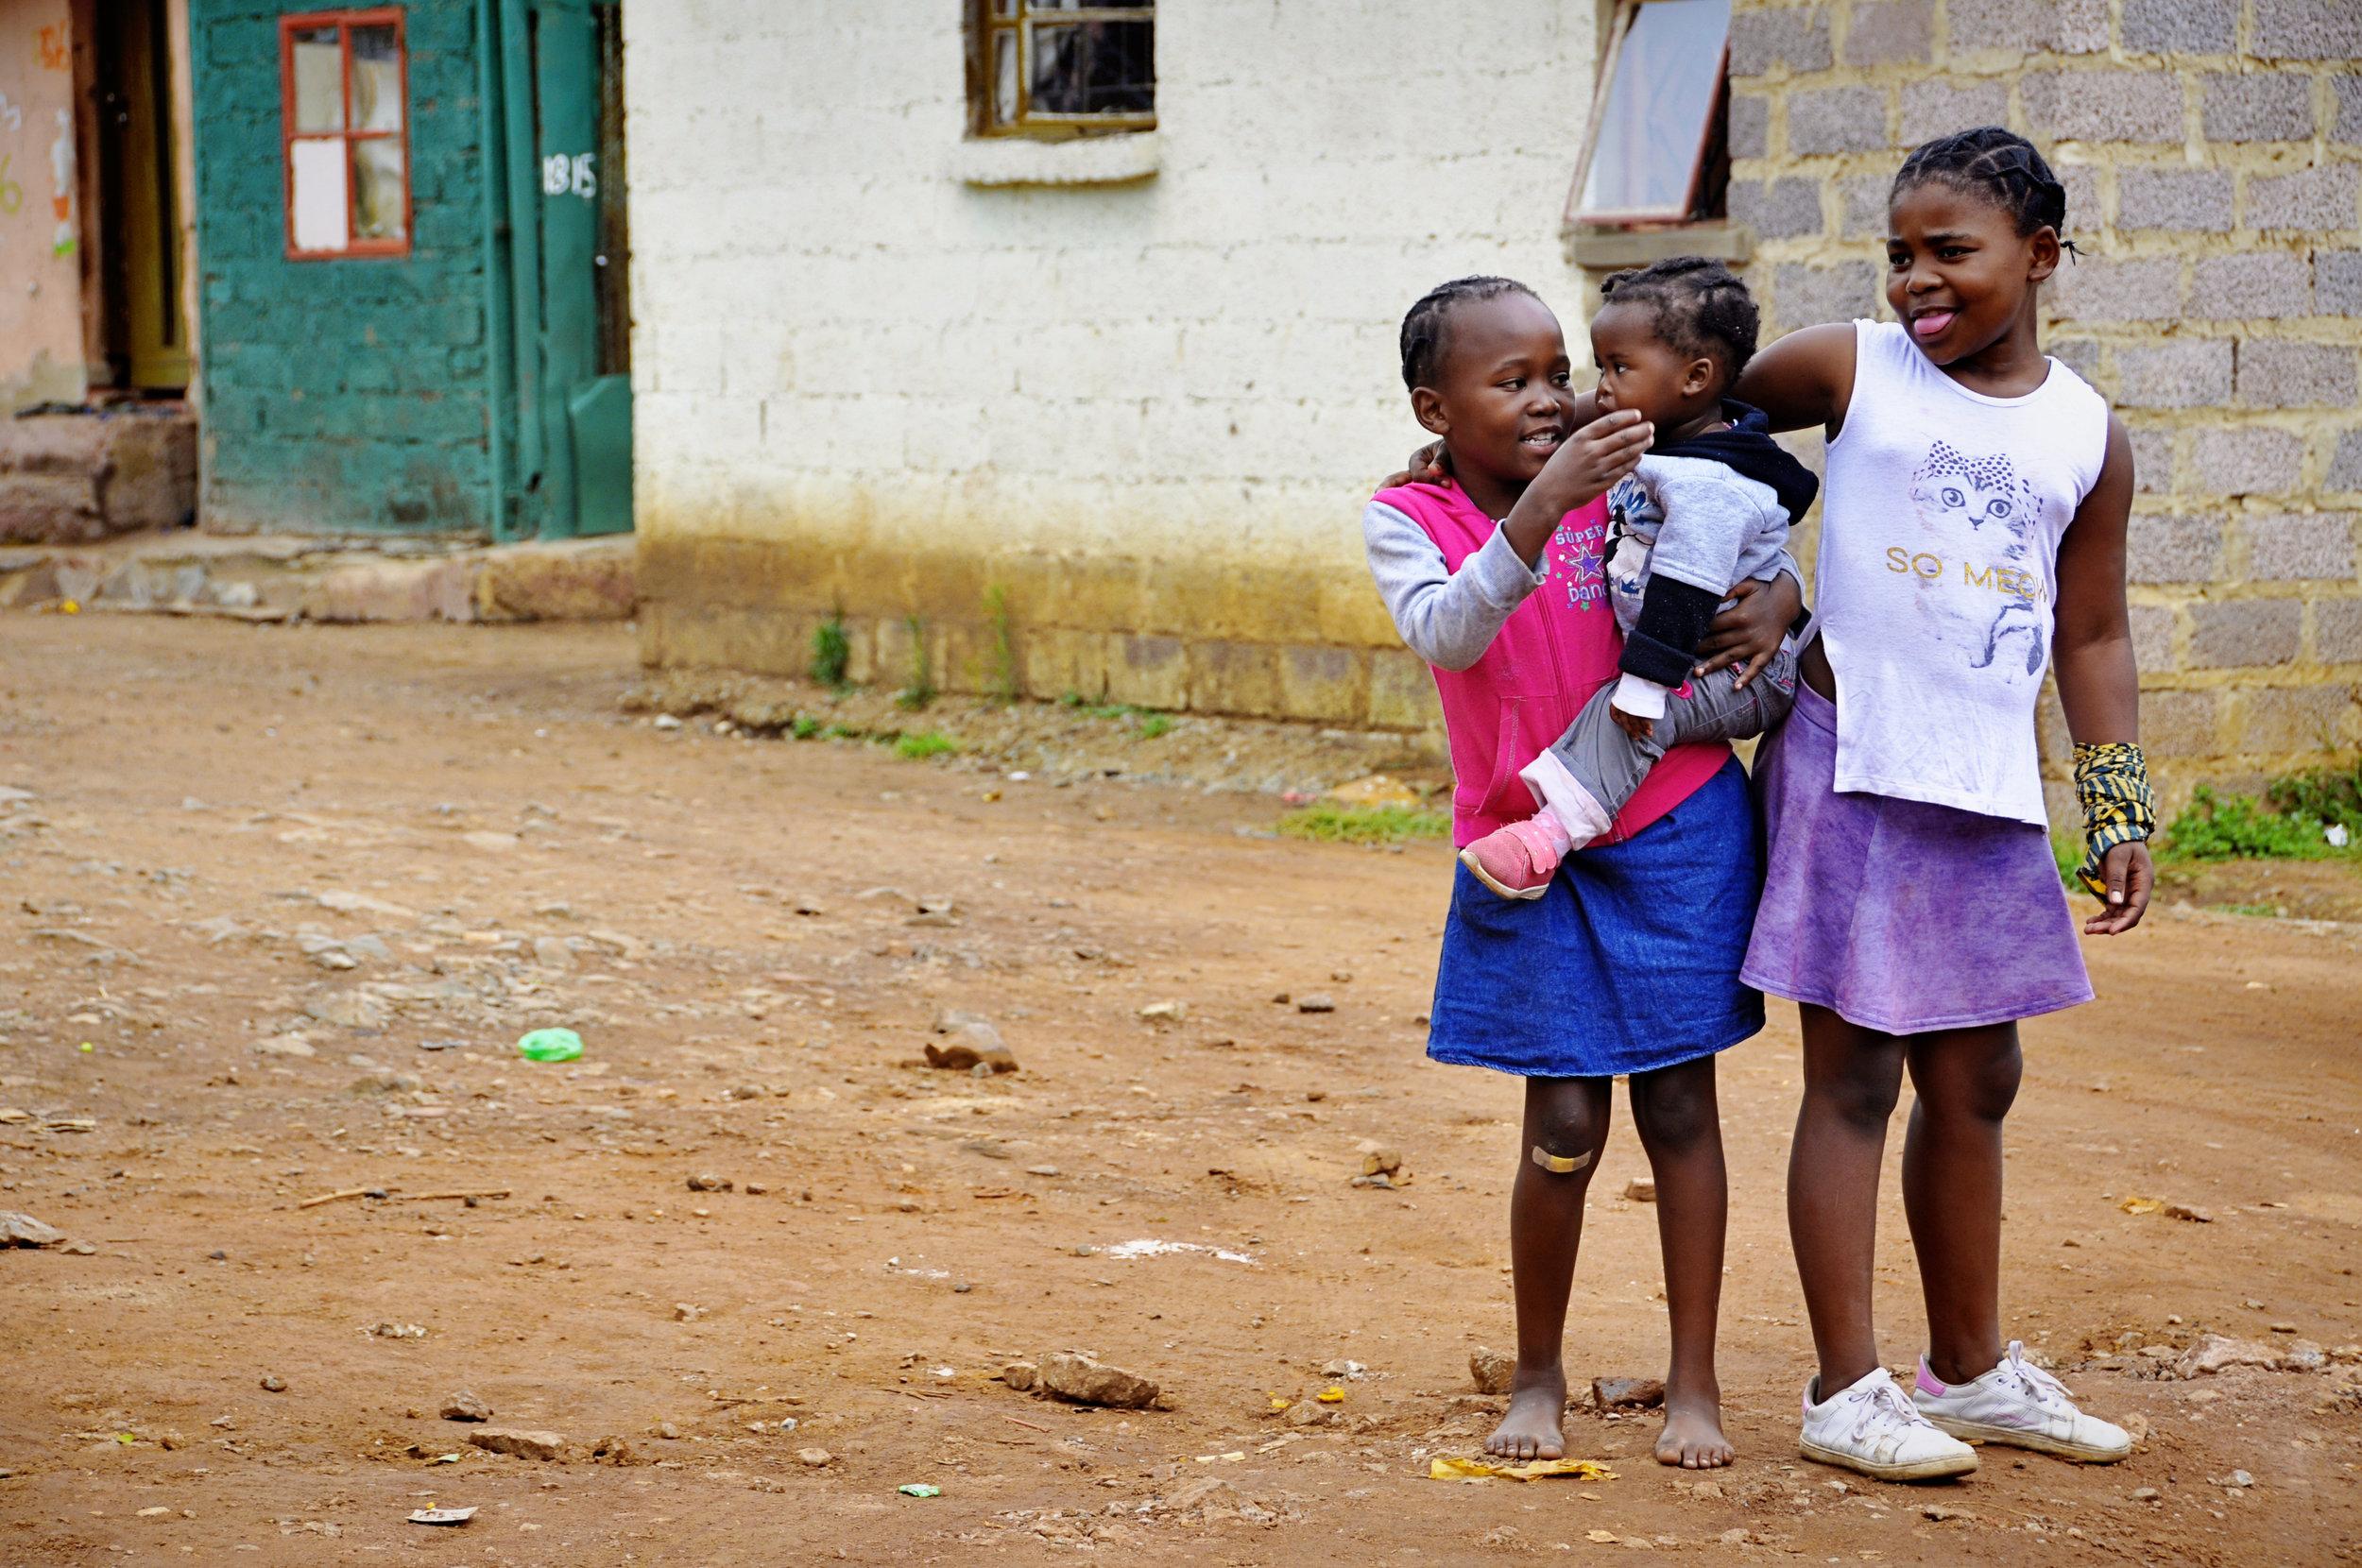 Africa-Johannesburg-31.jpg